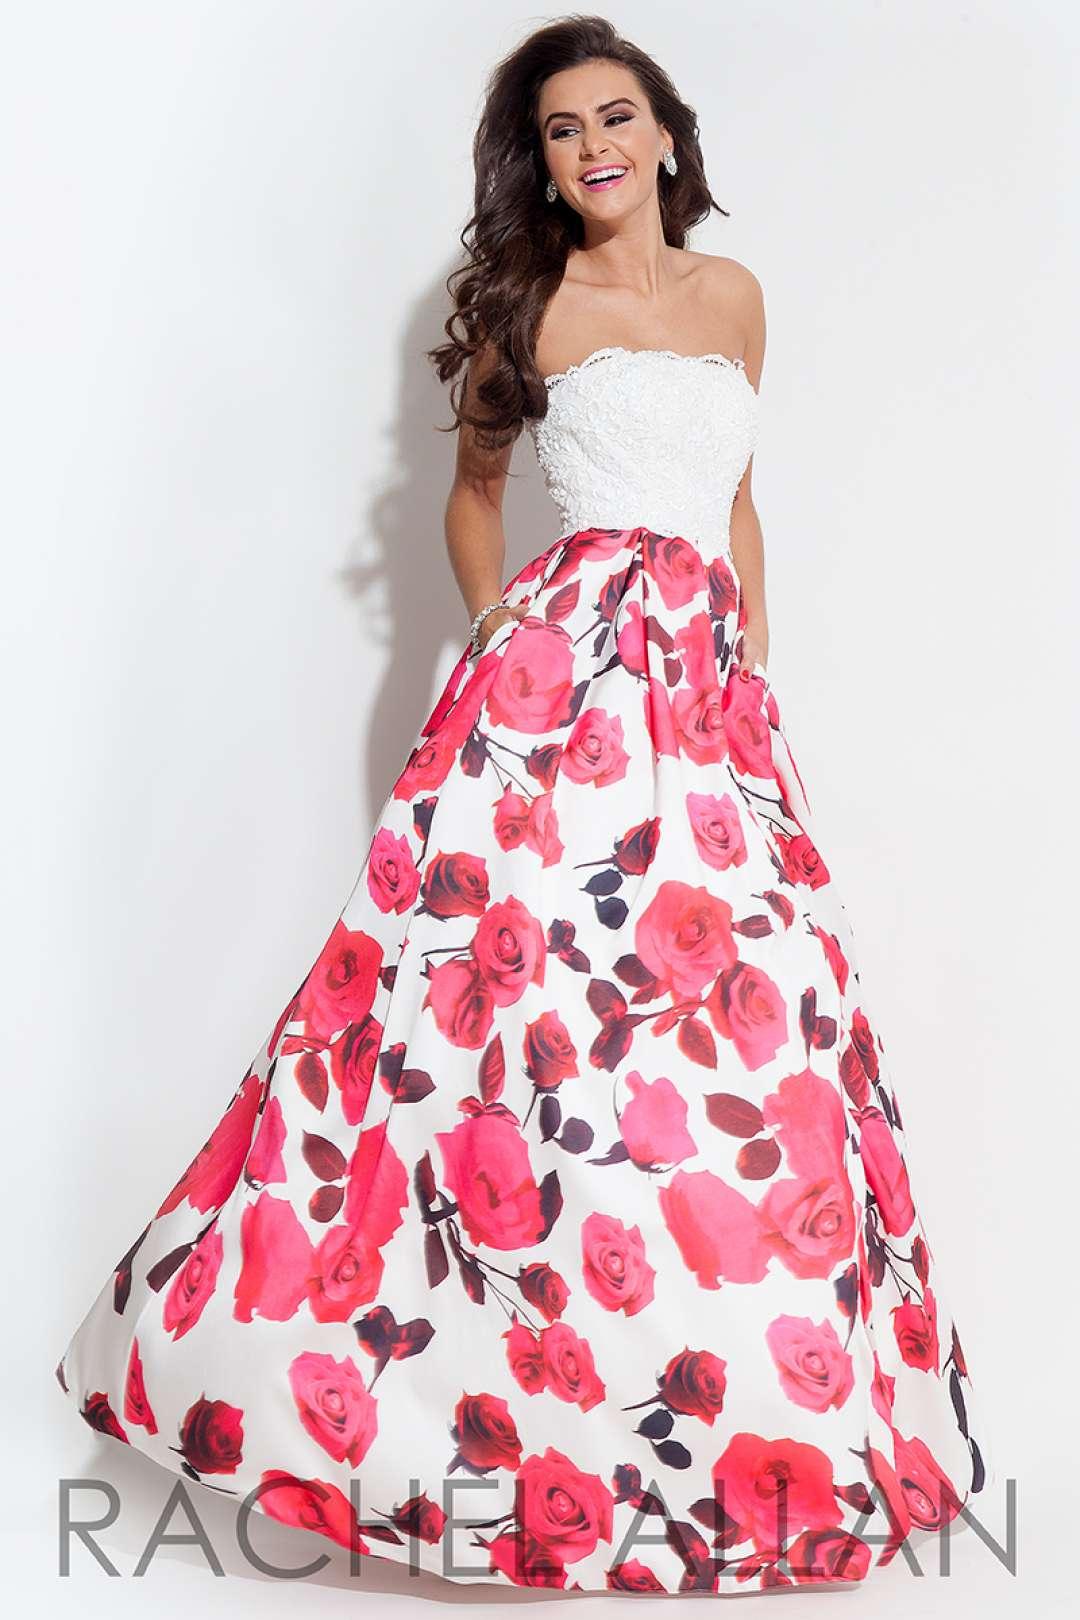 Renta el vestido de fiesta para tu evento | Bina Boutique